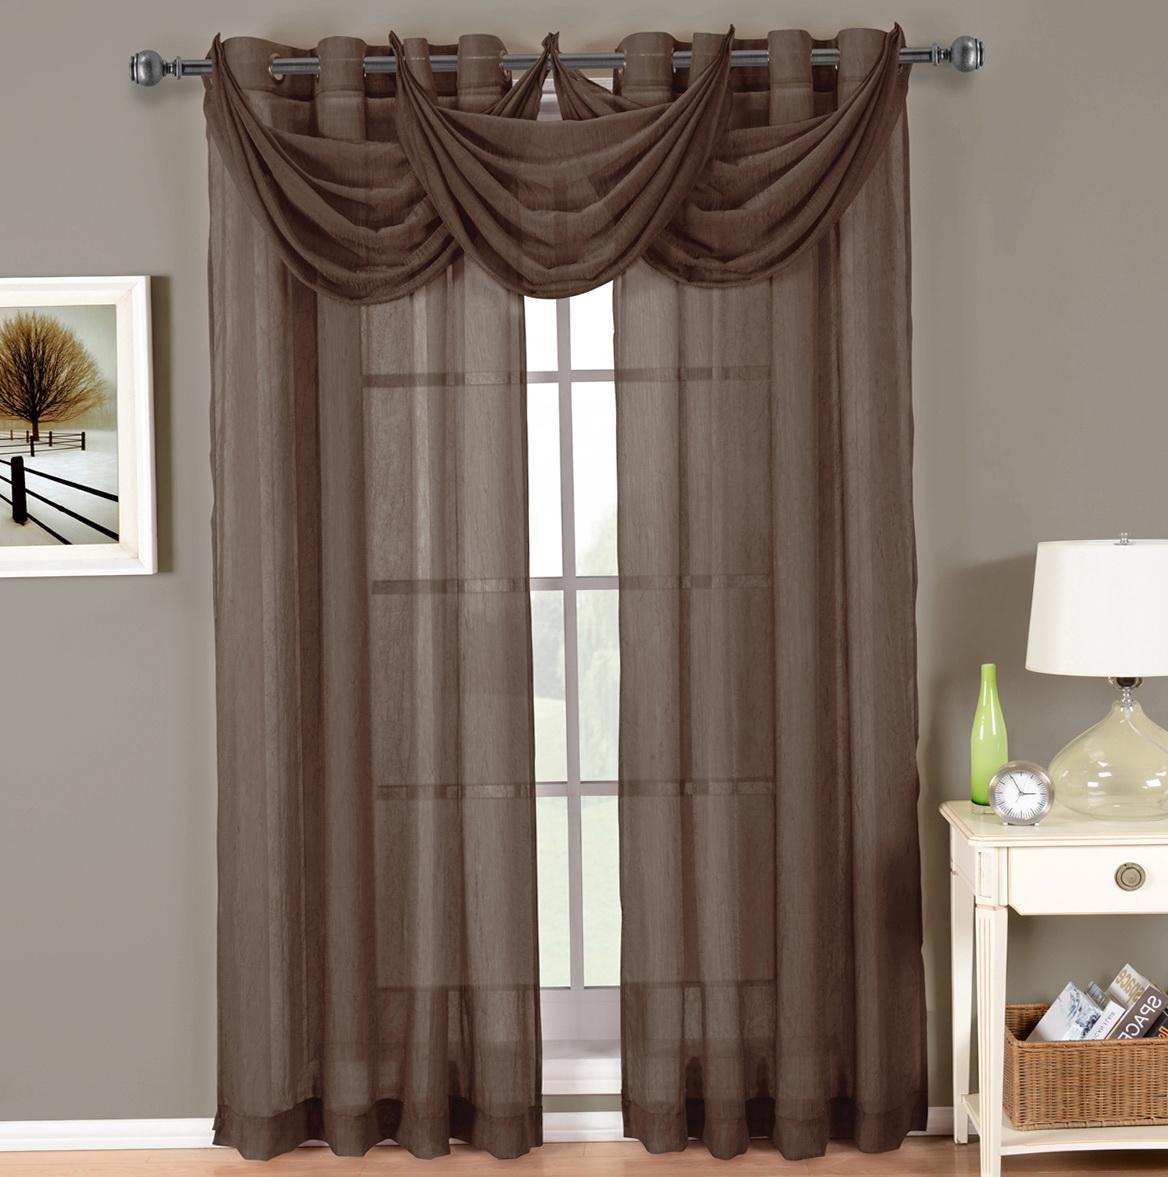 Sheer Grommet Curtains 96